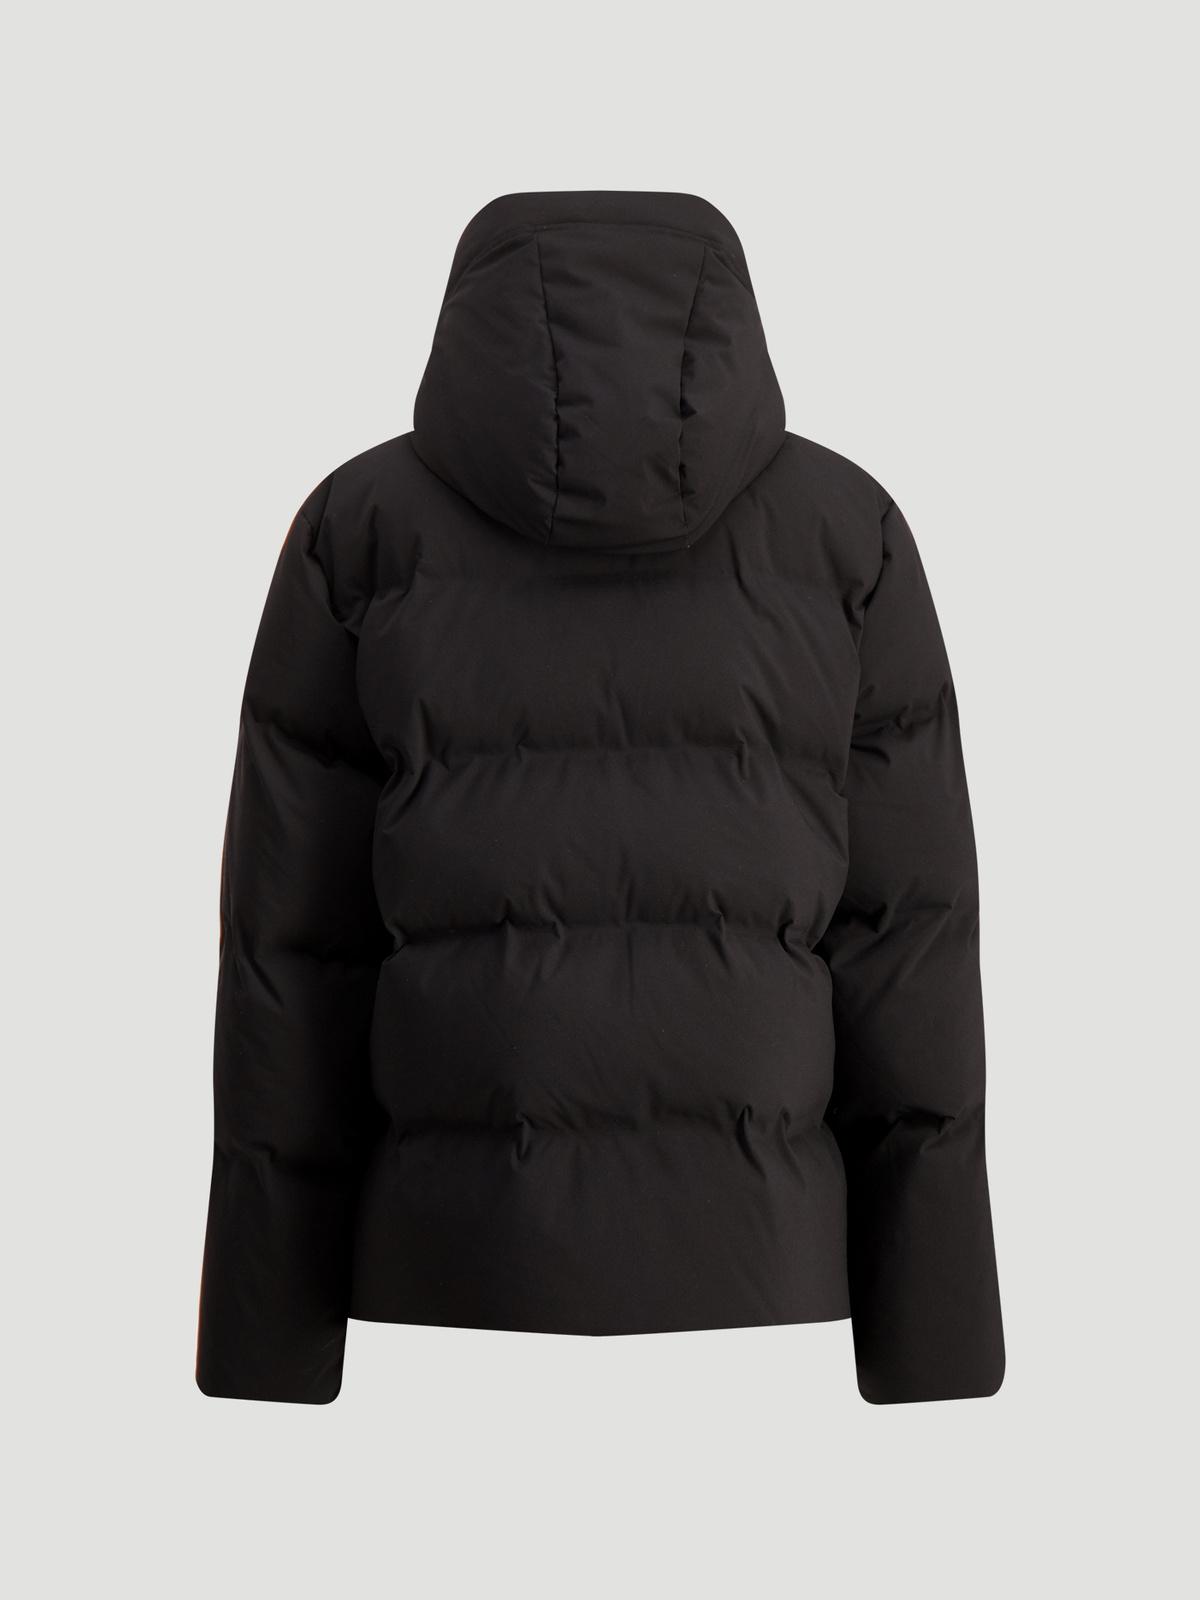 Dovre Down Jacket Black 6